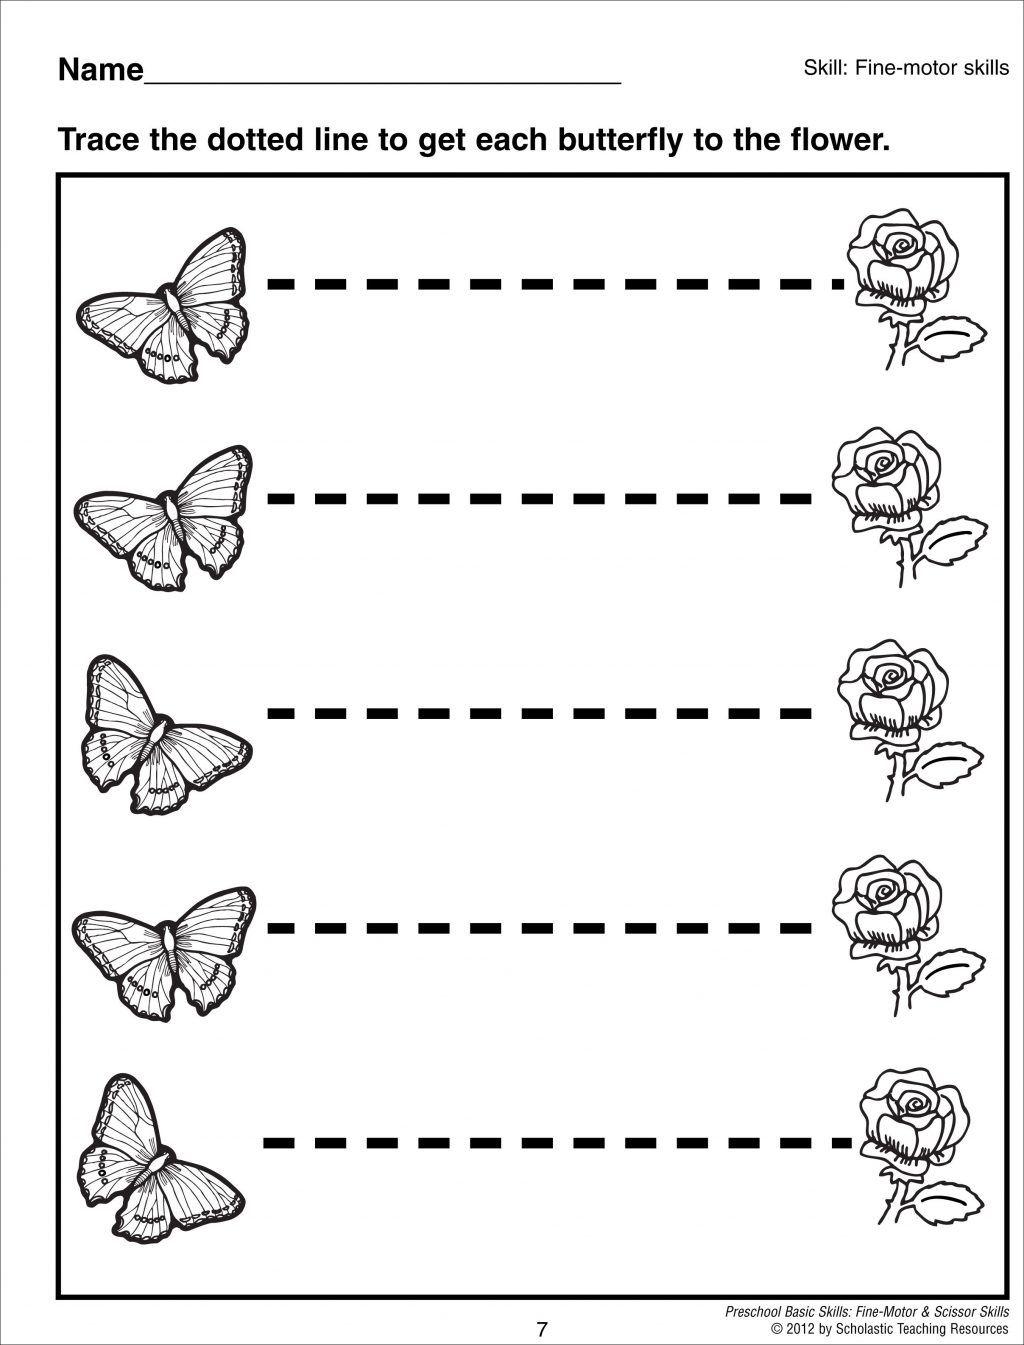 Worksheet Ideas Tracing Lines Worksheets For Preschool